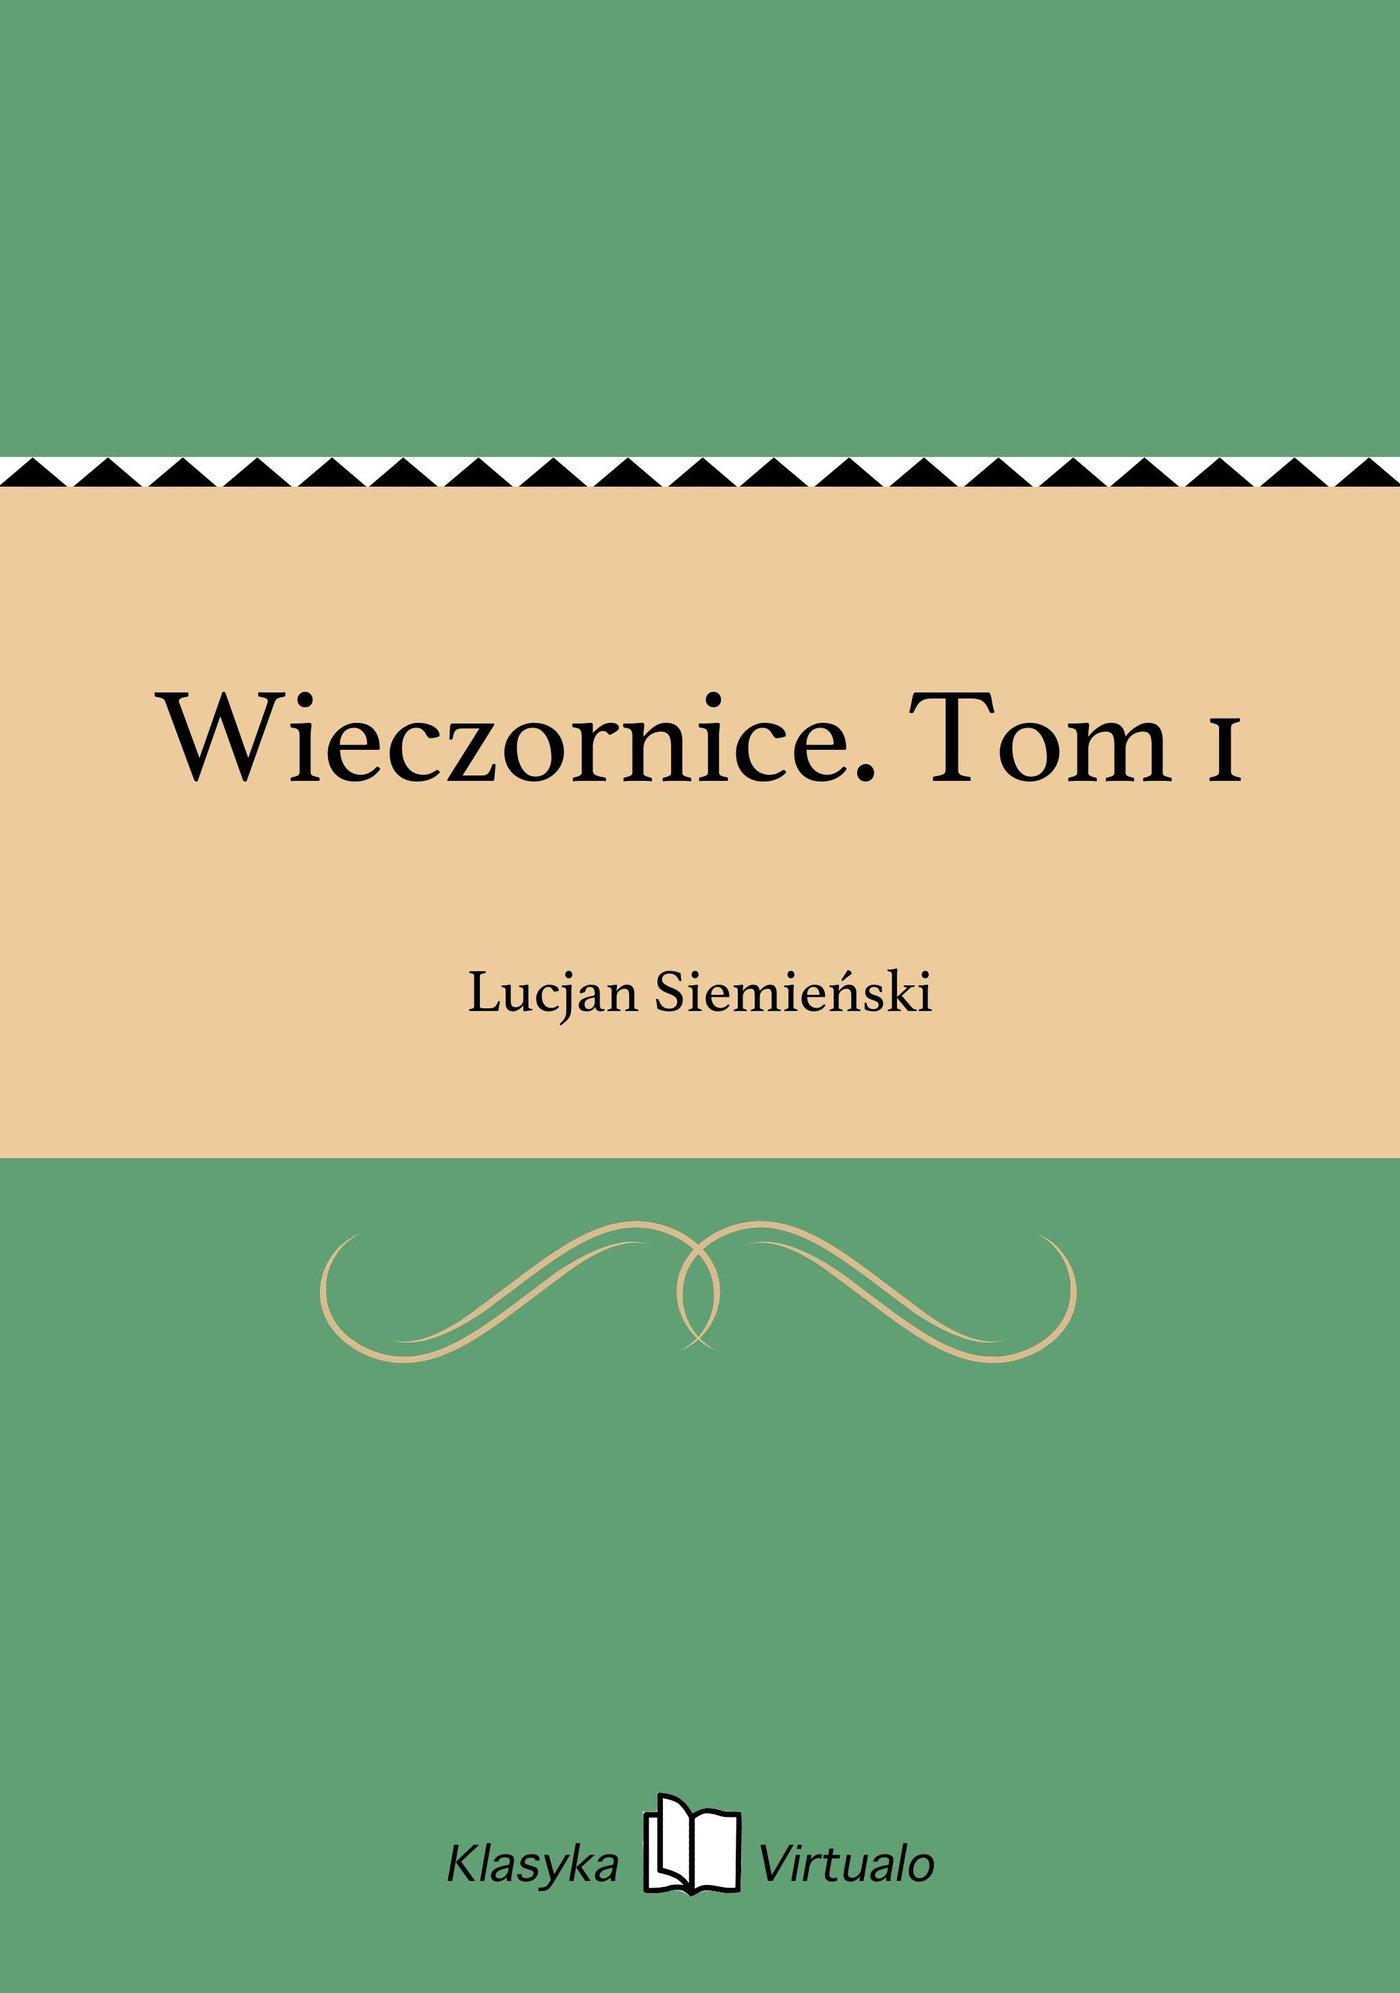 Wieczornice. Tom 1 - Ebook (Książka EPUB) do pobrania w formacie EPUB